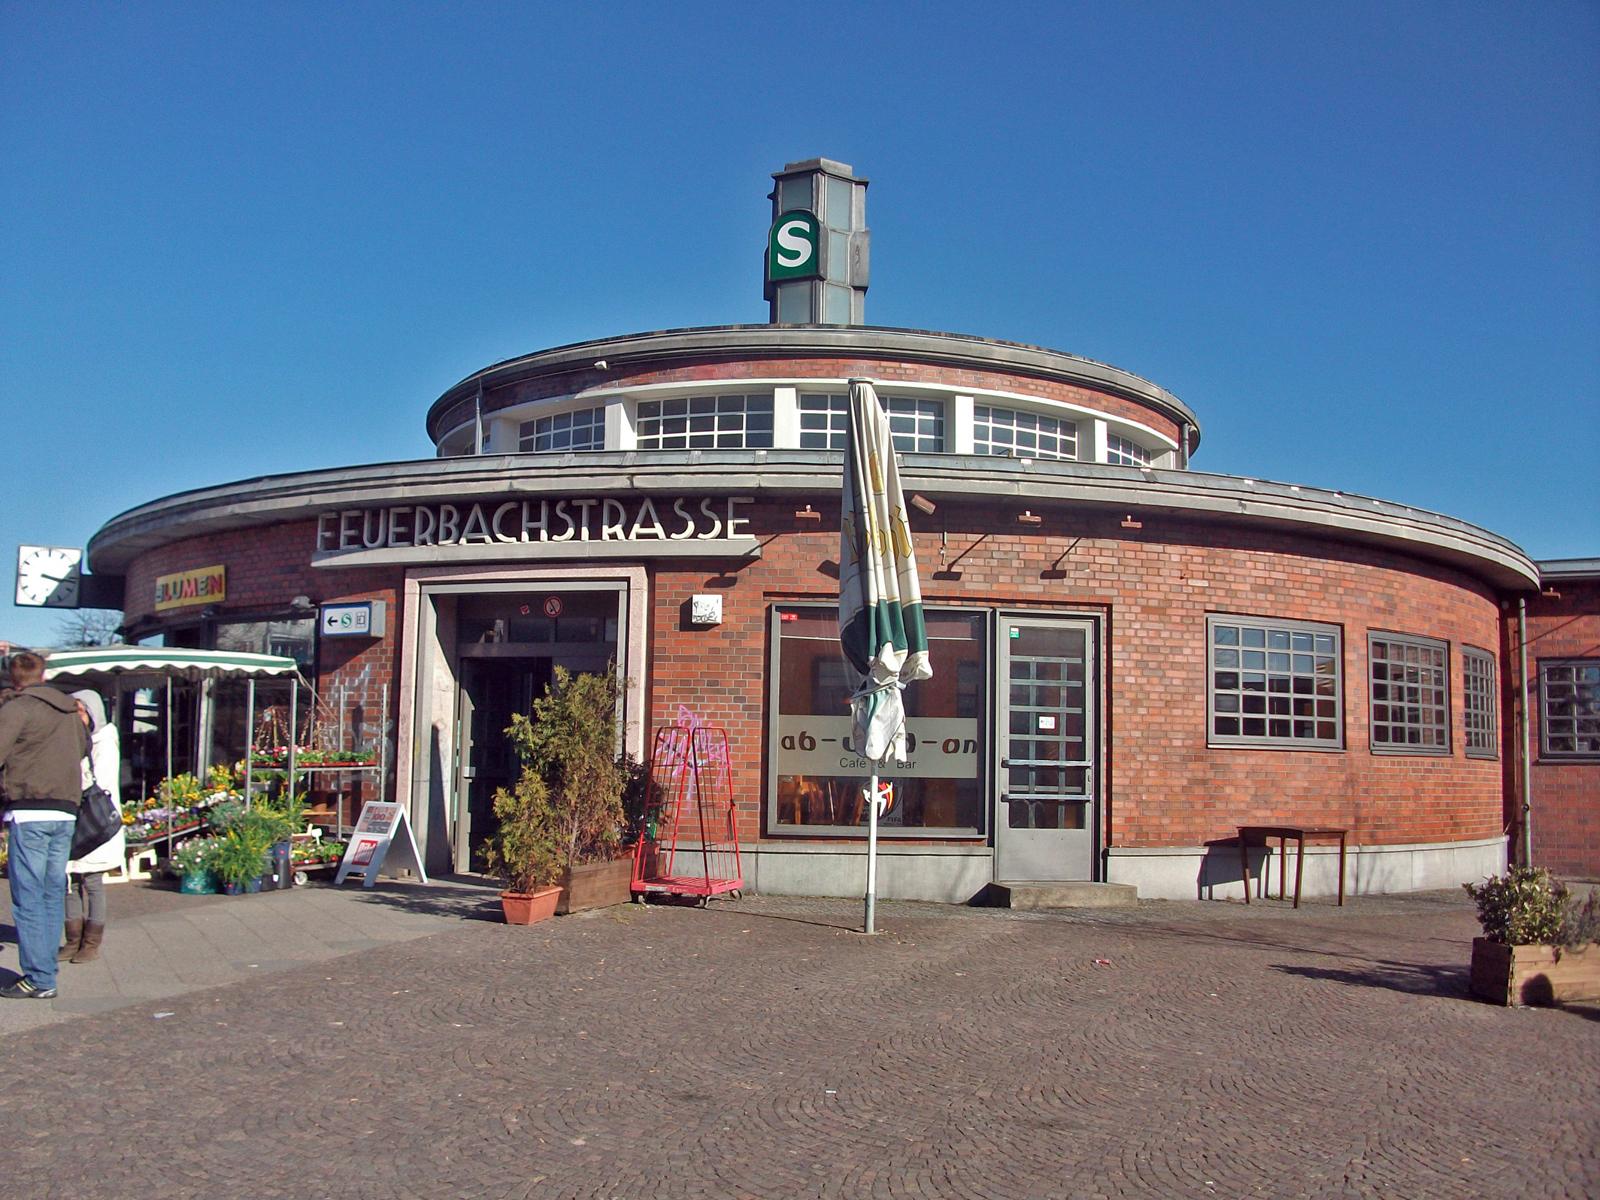 Dateibahnhof Berlin Feuerbachstraße 02jpg Wikipedia